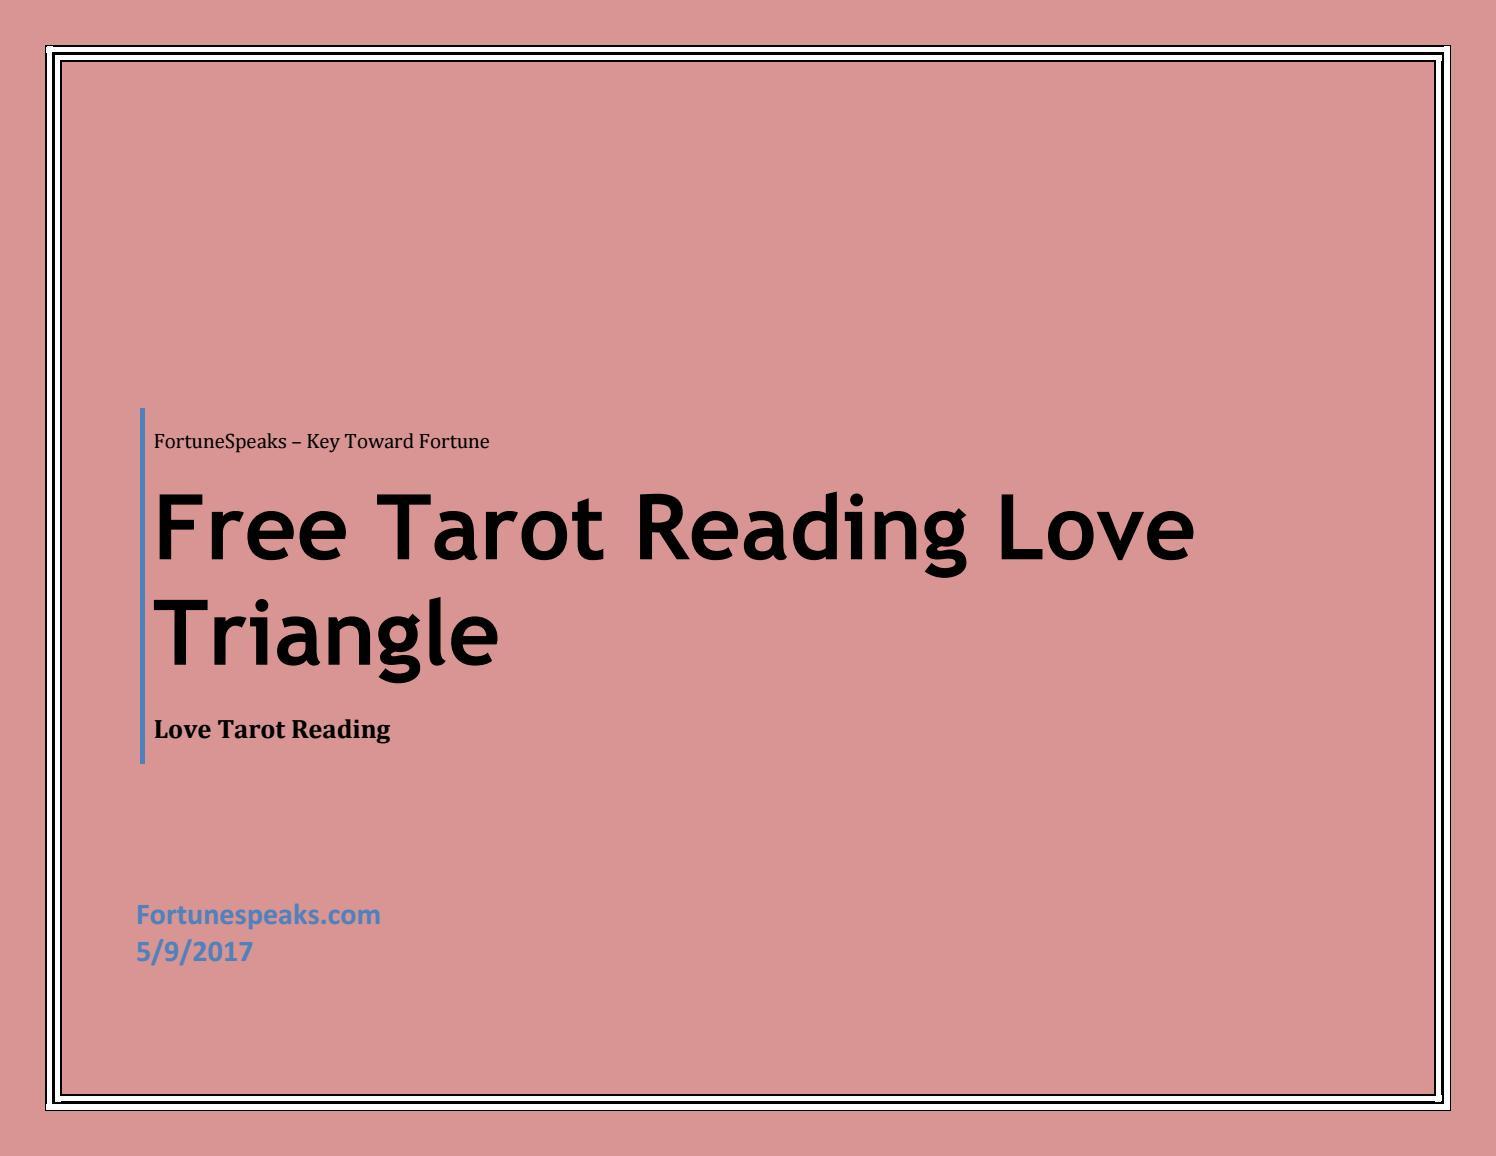 Love find free i tarot will Free Love